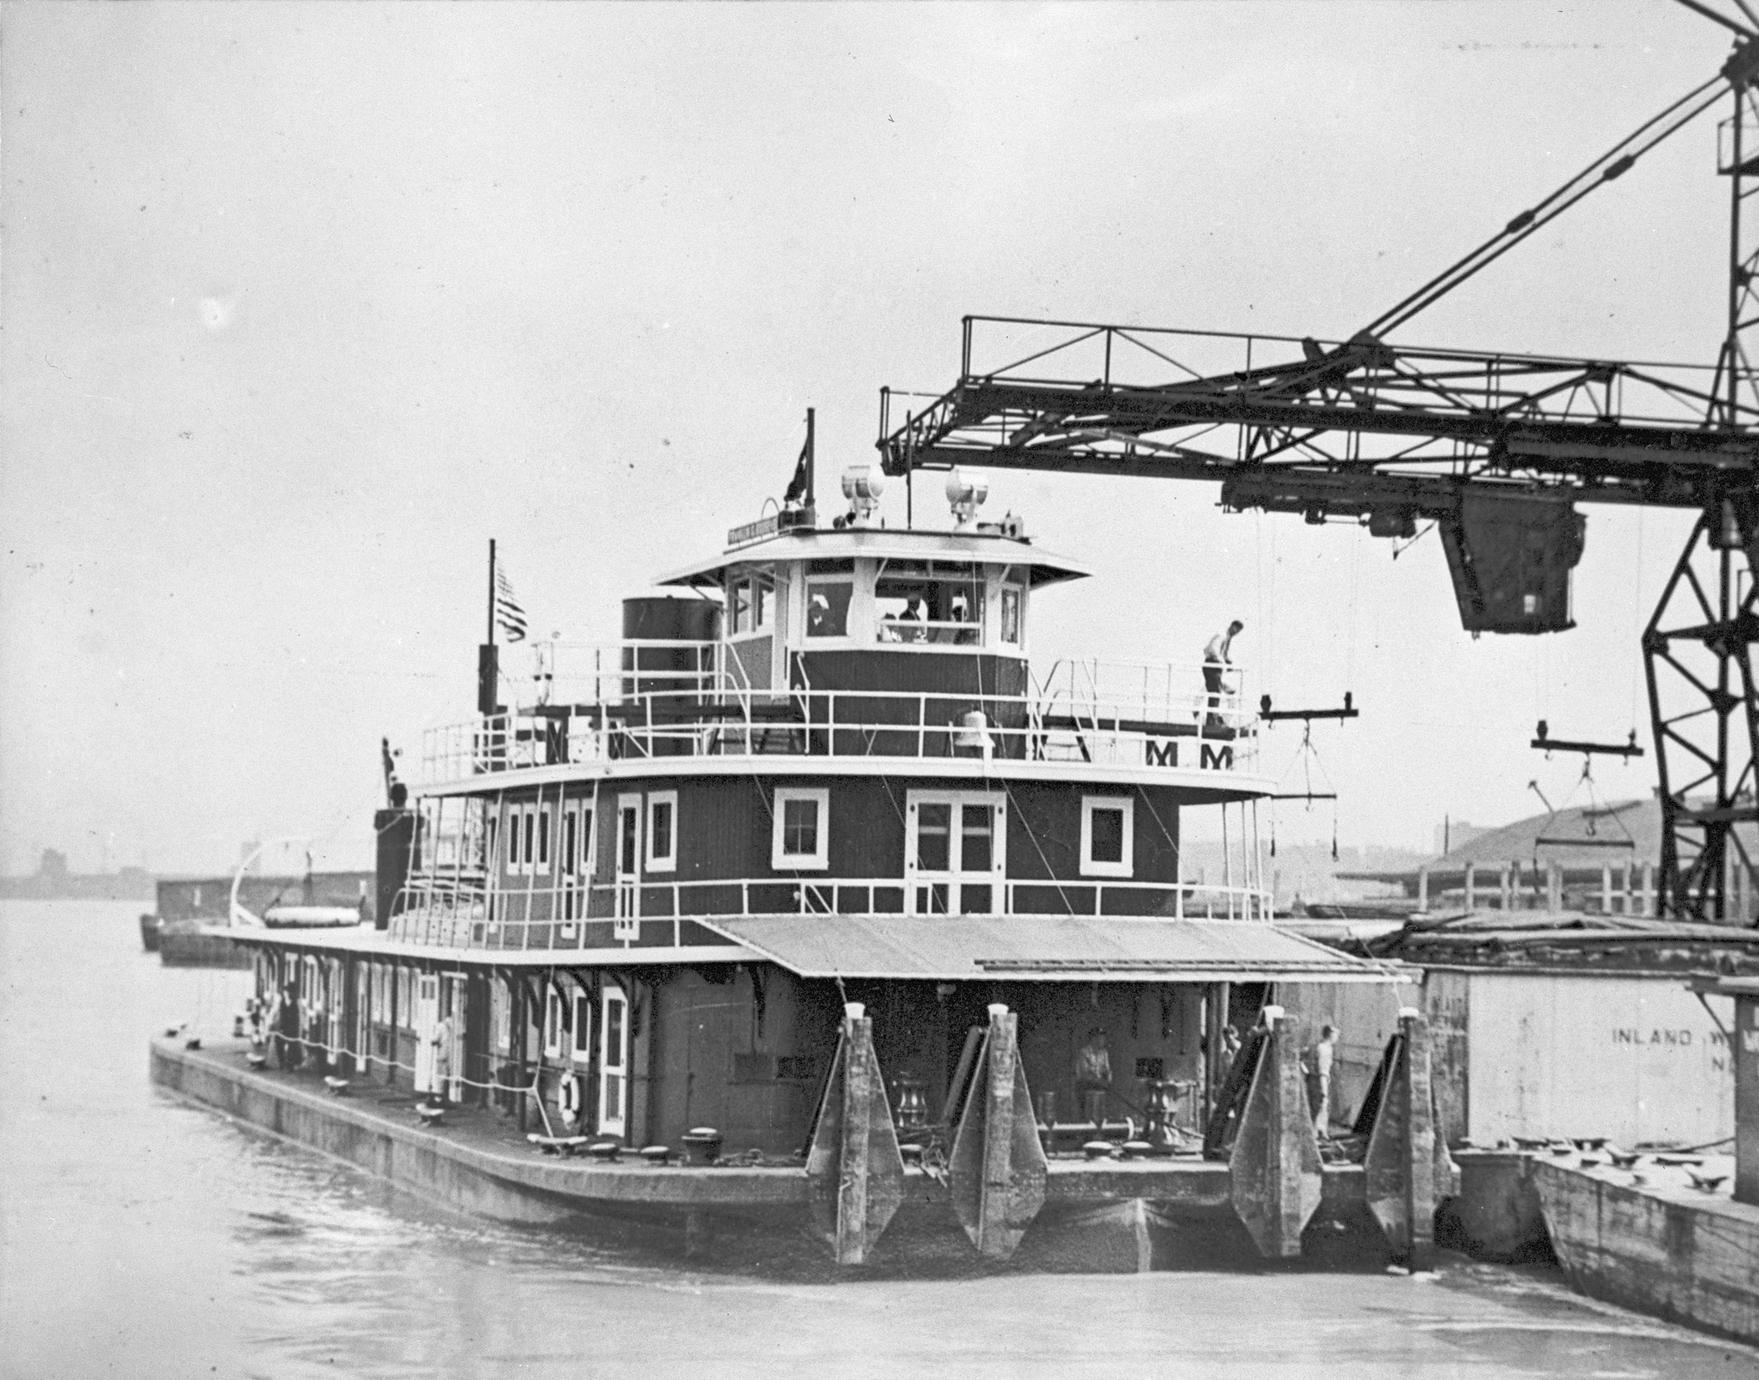 Franklin D. Roosevelt (Towboat, 1933-?)